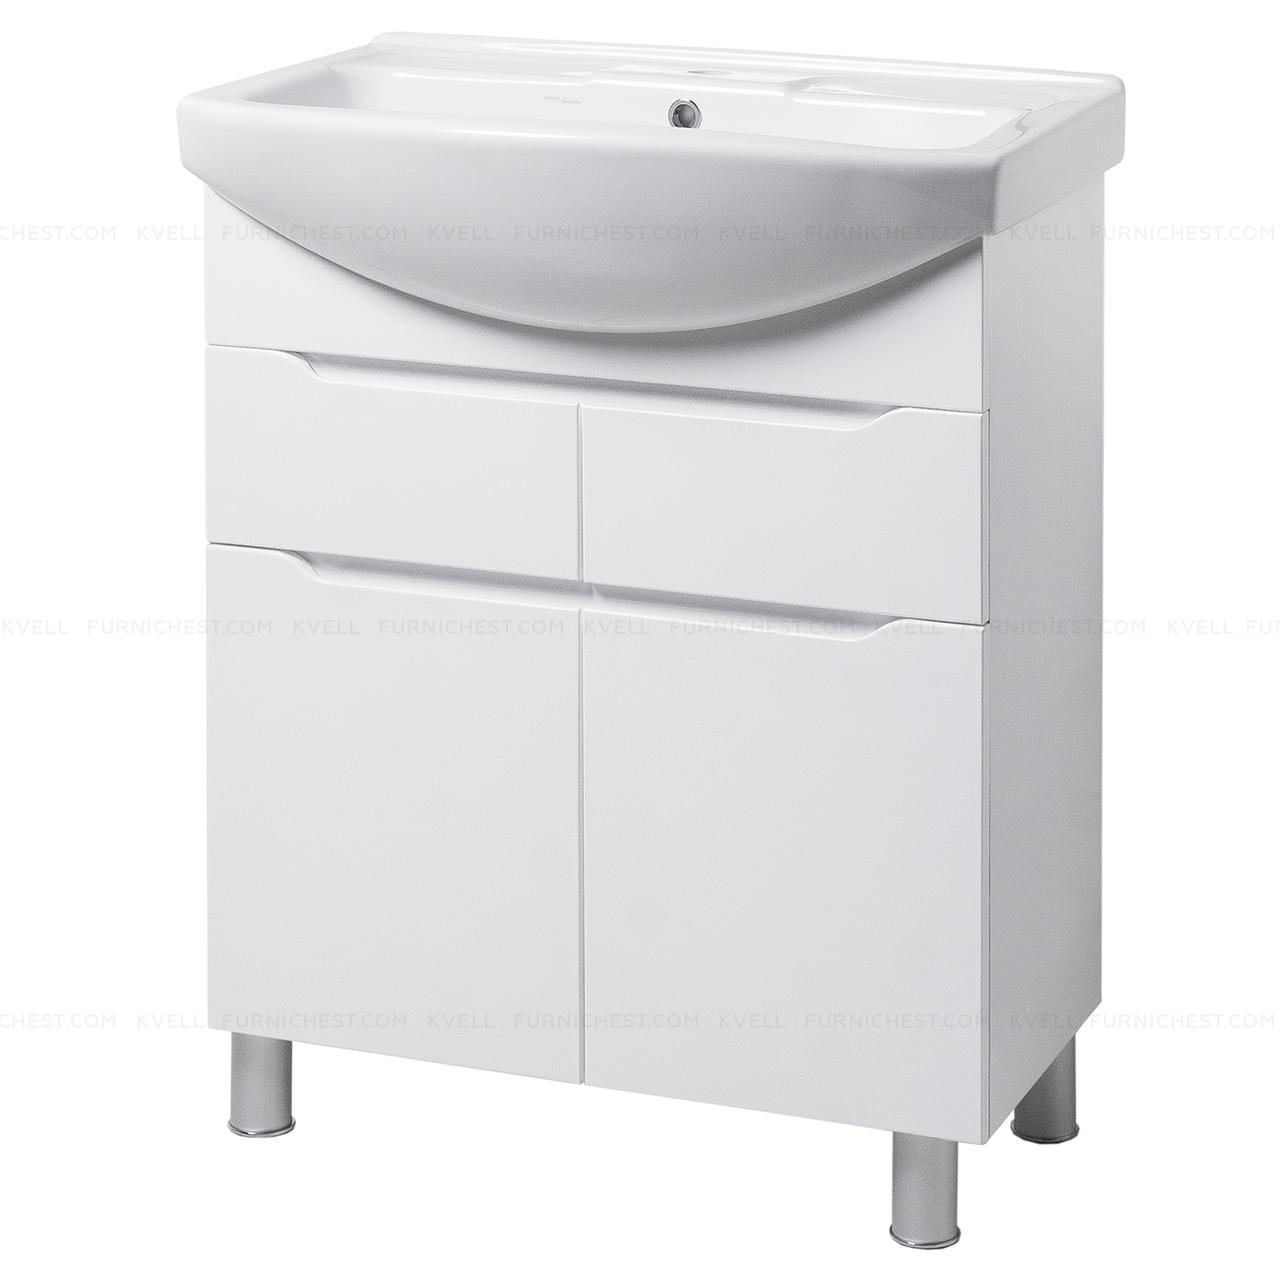 Тумба під раковину для ванної кімнати на ніжках ВІСЛА Т5 (біла) з умивальником ИЗЕО 70